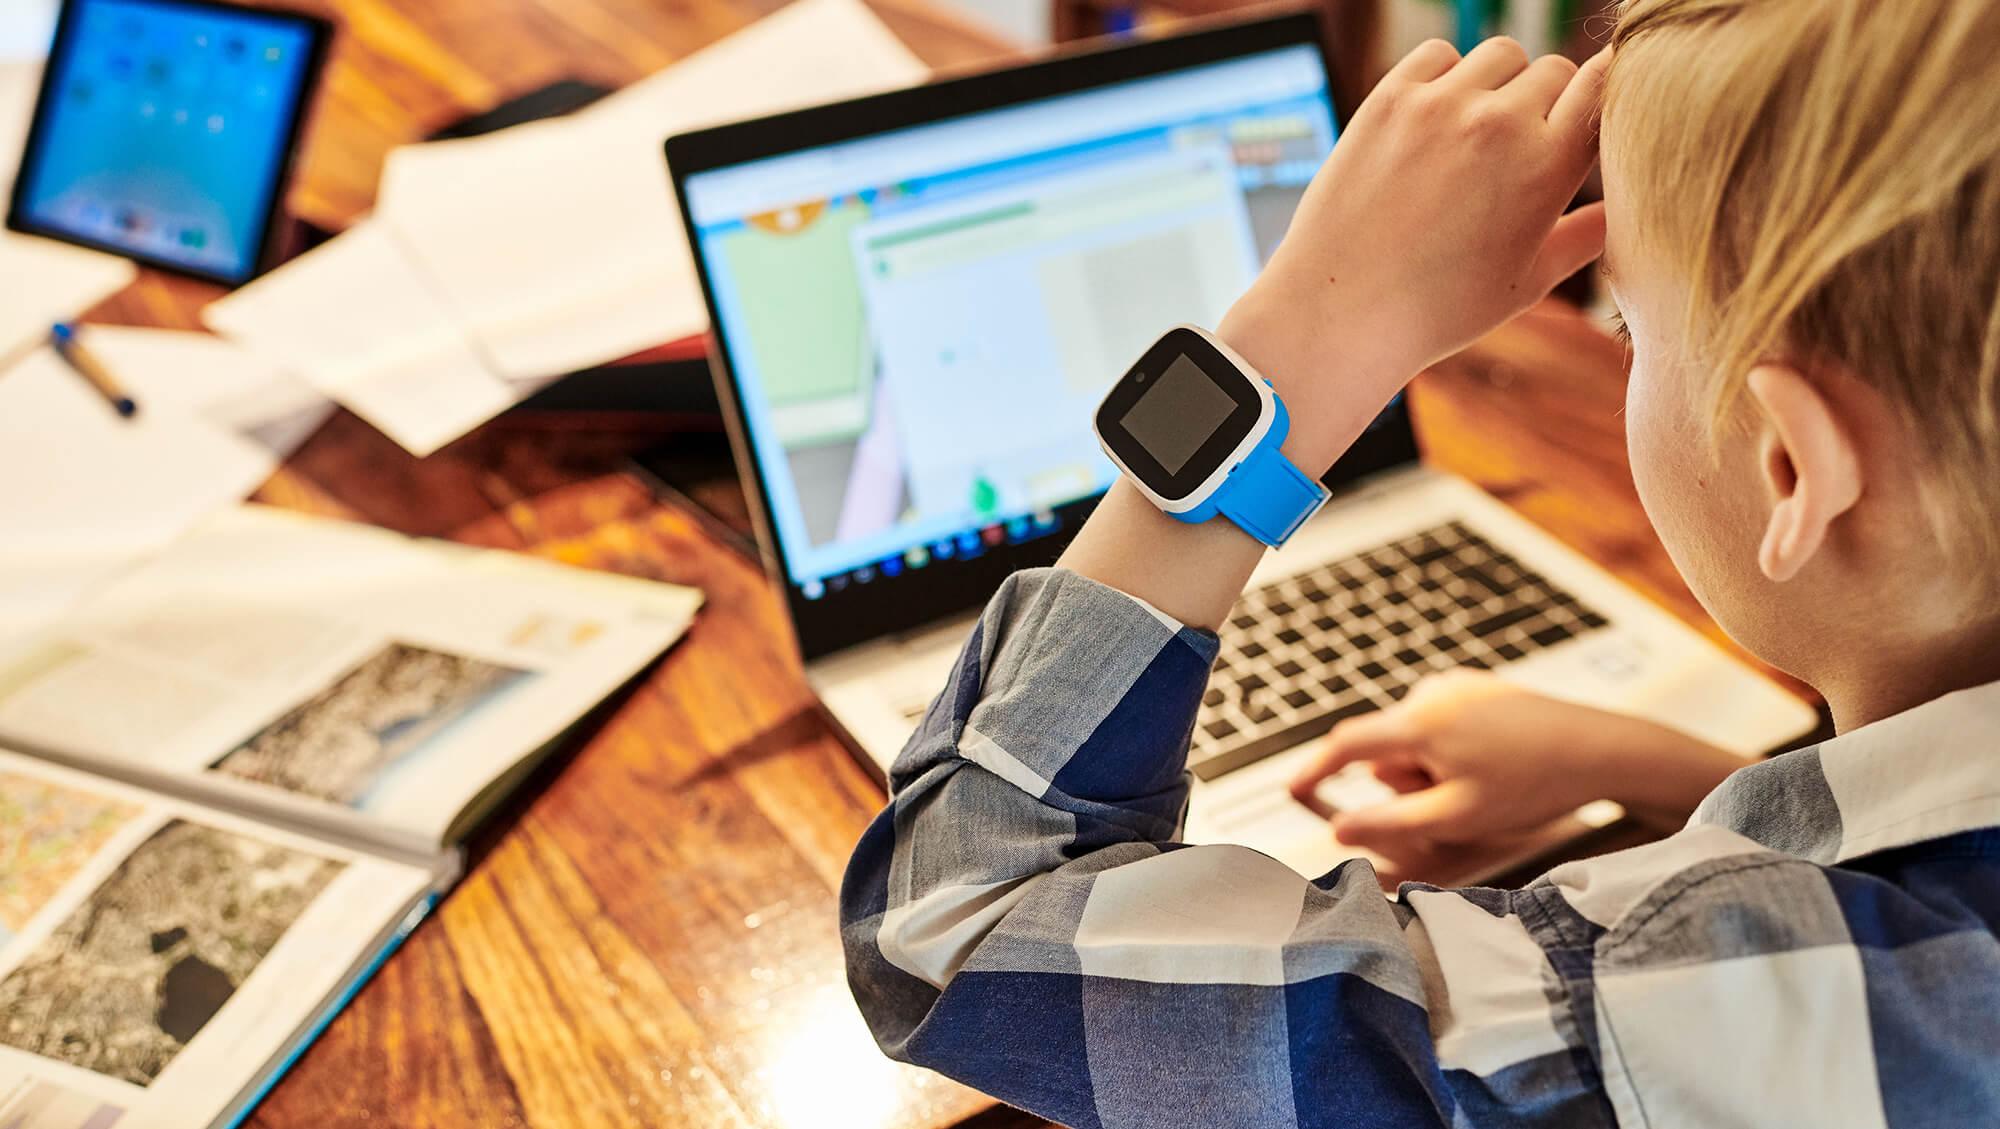 Sozialkontakt – Ohne klappt Distance Learning nicht